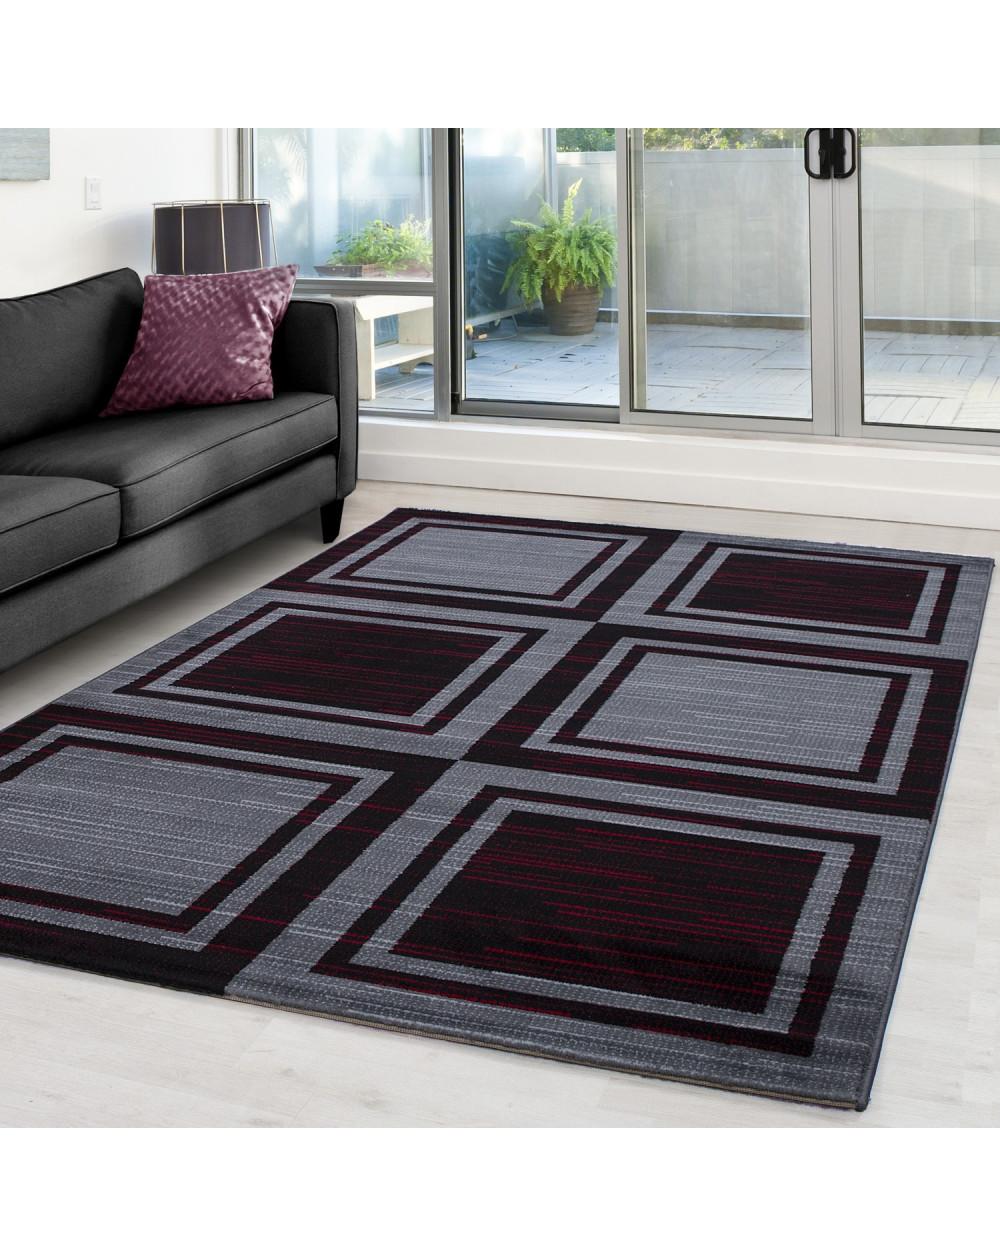 Moderner Designer Teppich mit Blockmuster PARMA 9270 Schwarz-Rot